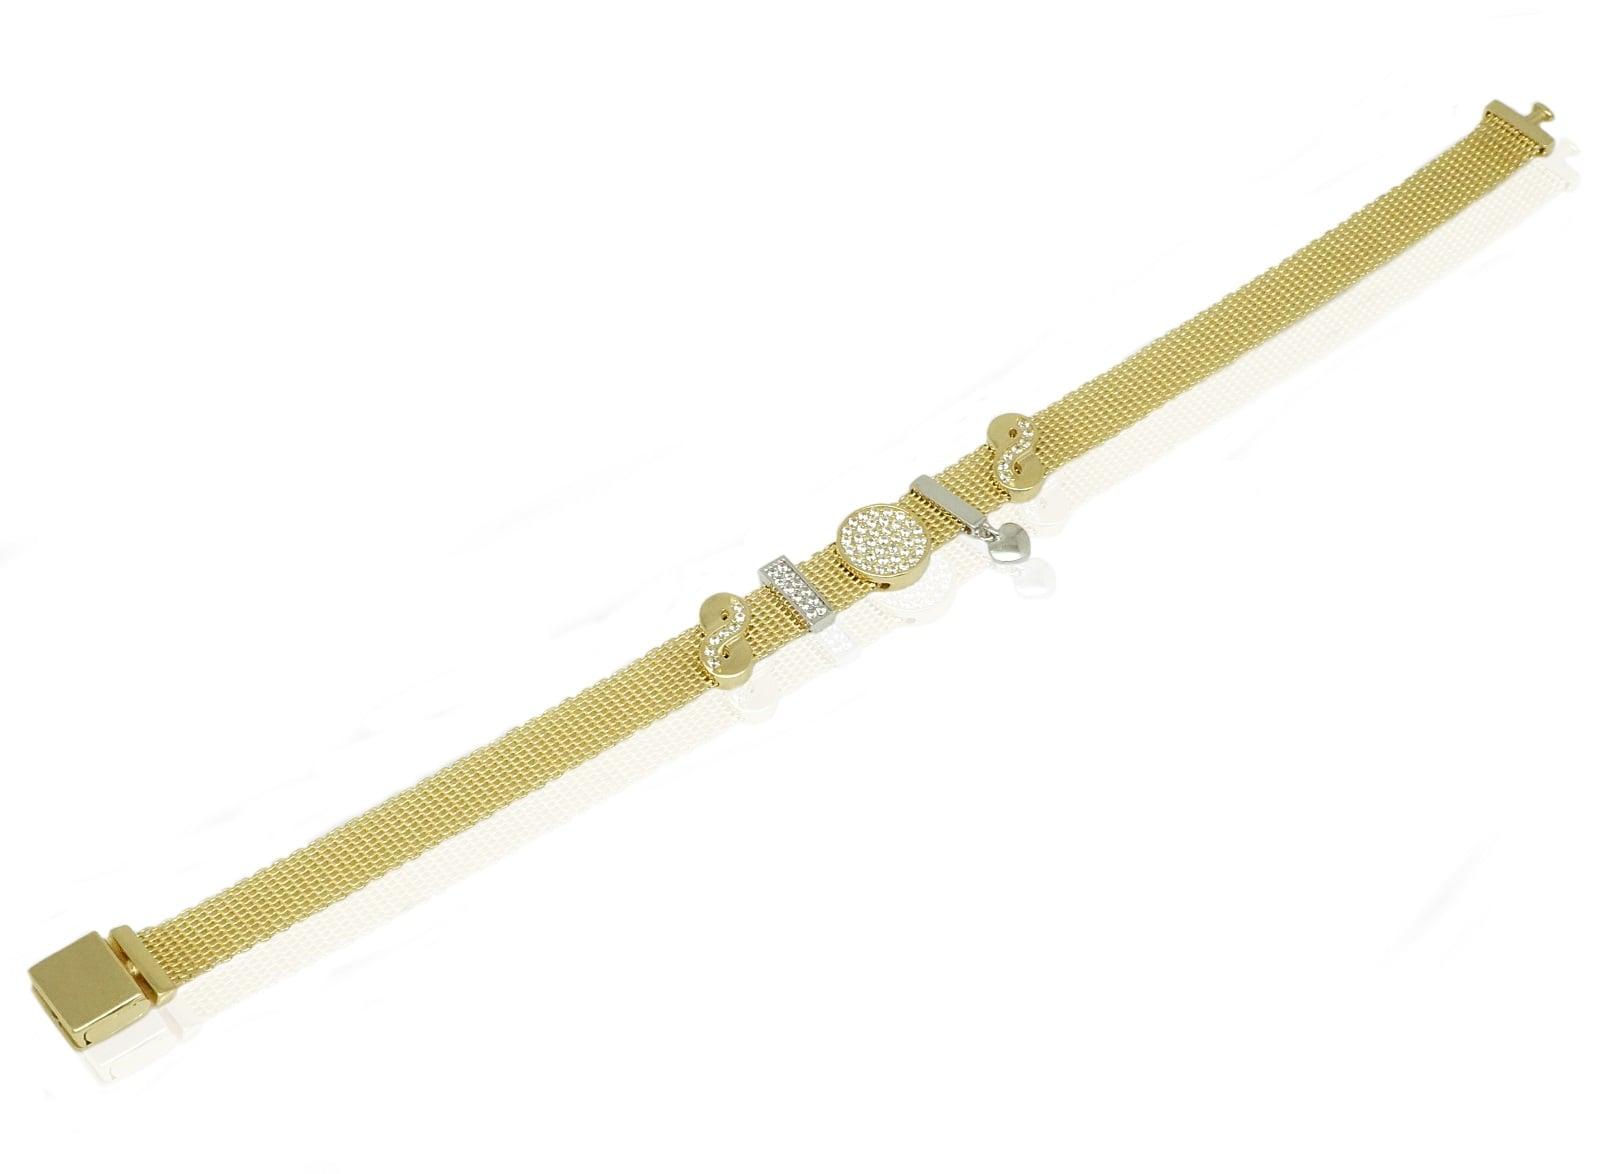 צמיד זהב עם צארמס \ תליונים זרקונים תלויים